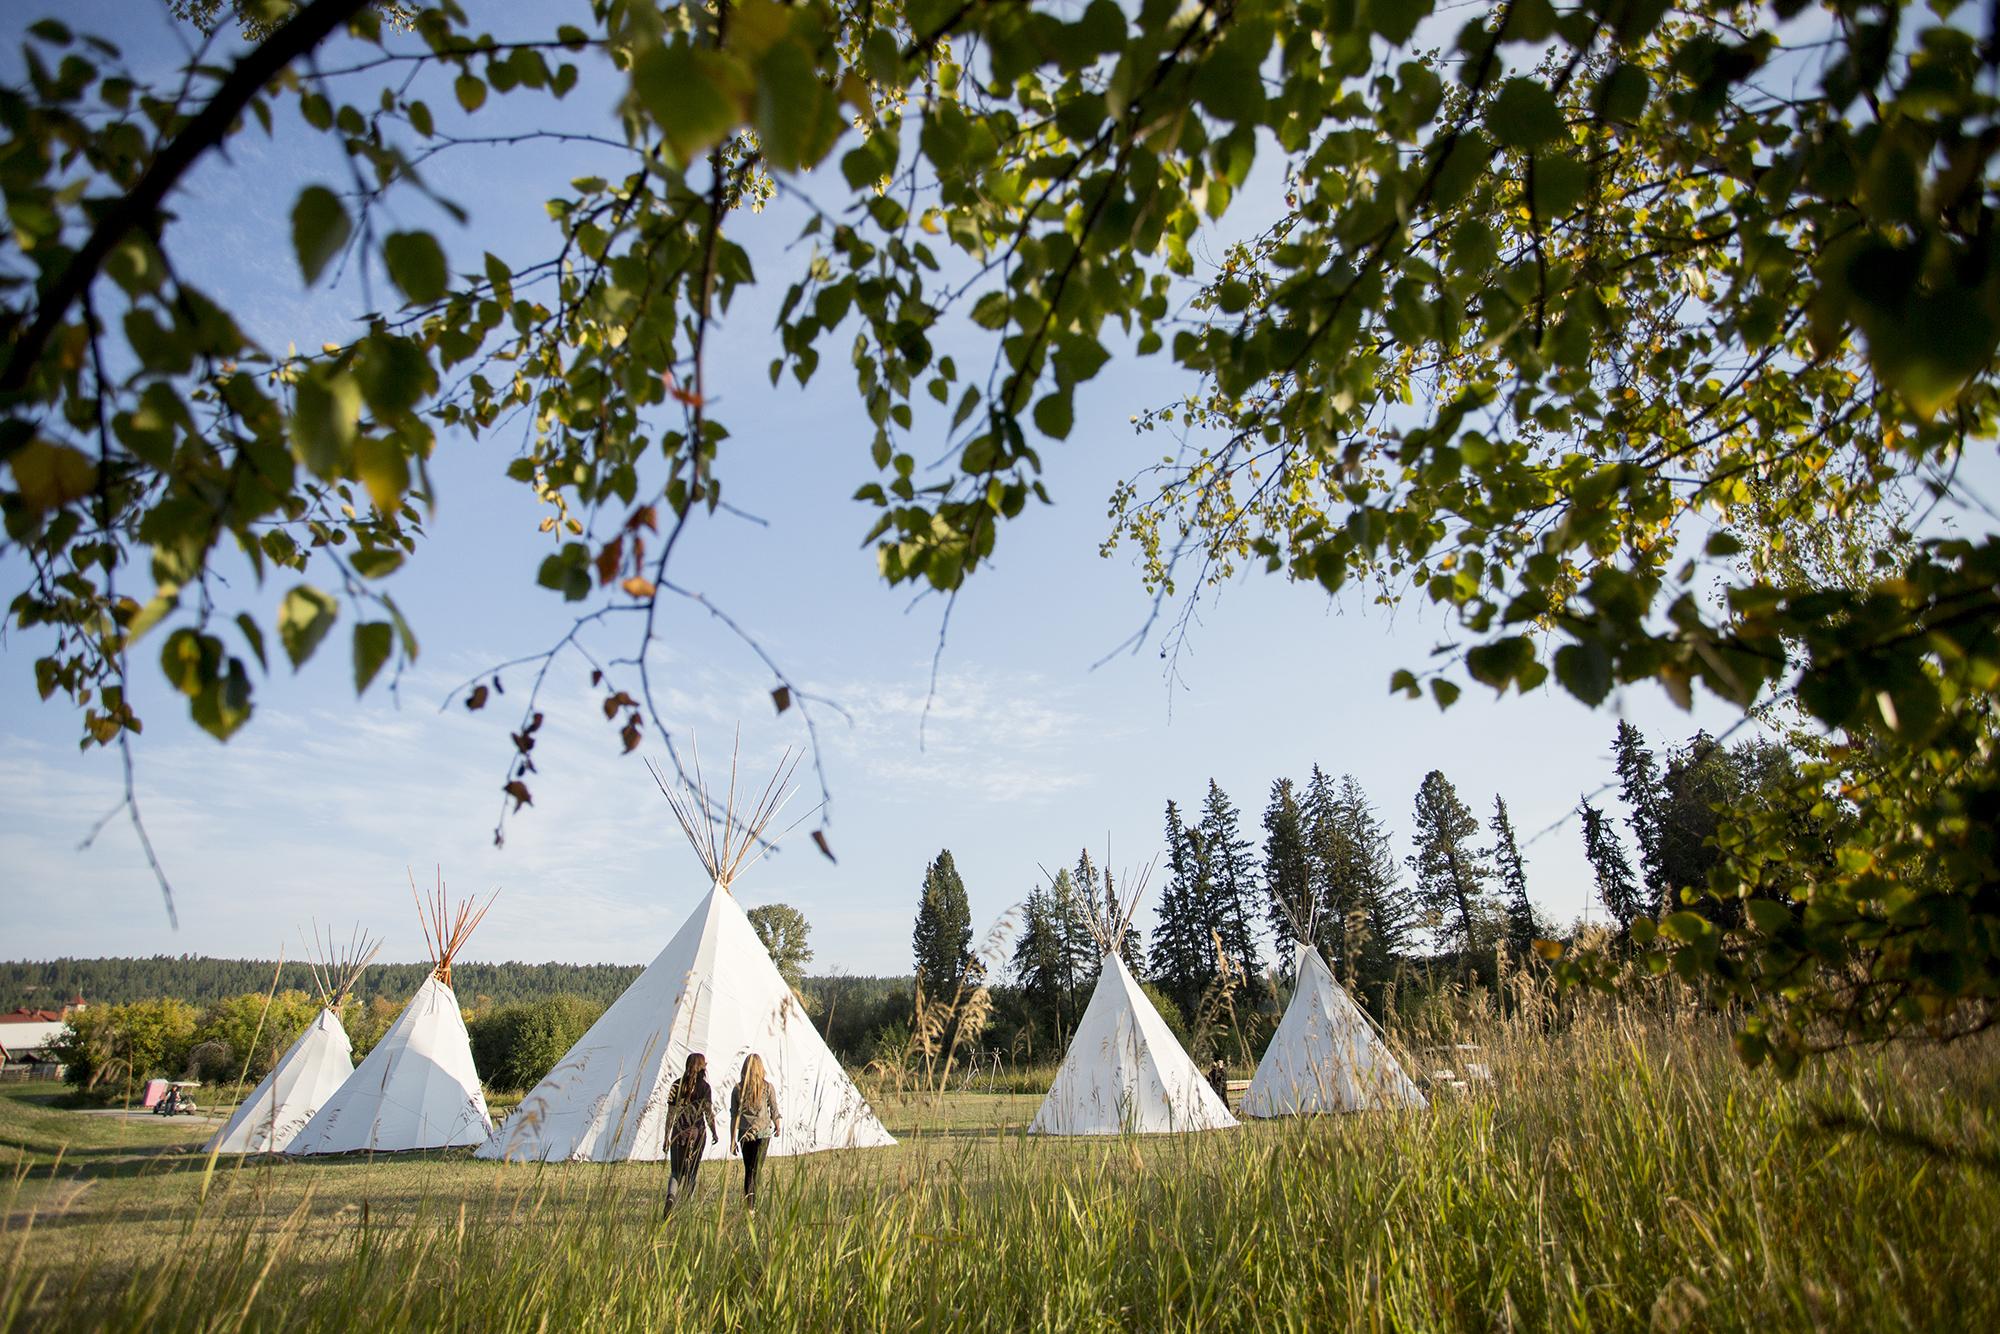 A row of Teepees in Kootenay Rockies